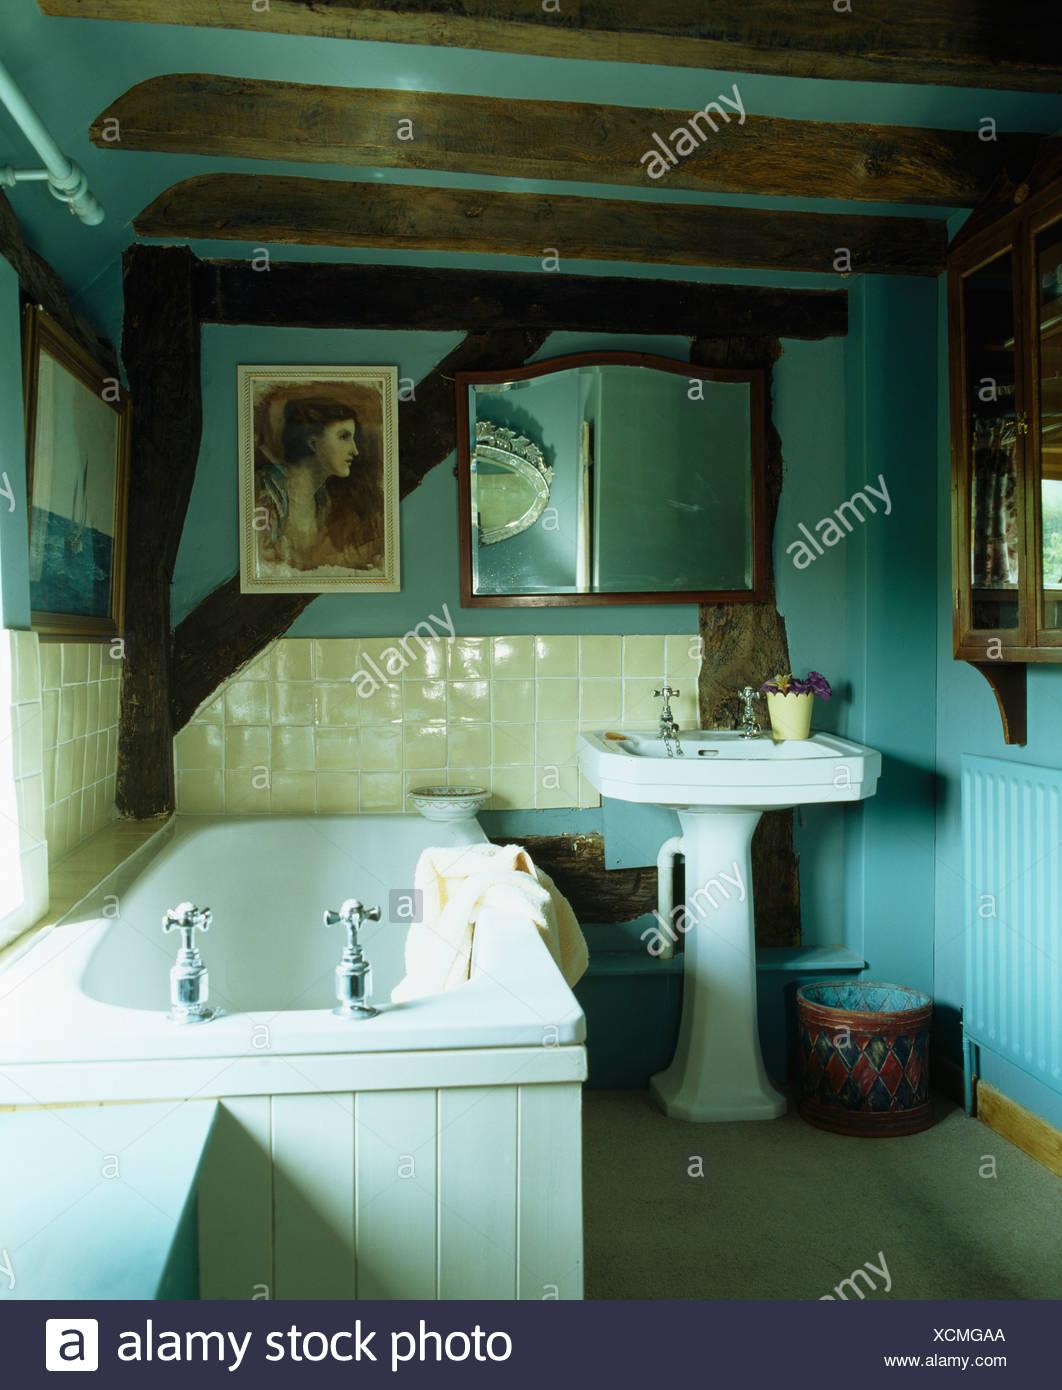 Petite salle de bains cottage turquoise pâle avec des ...